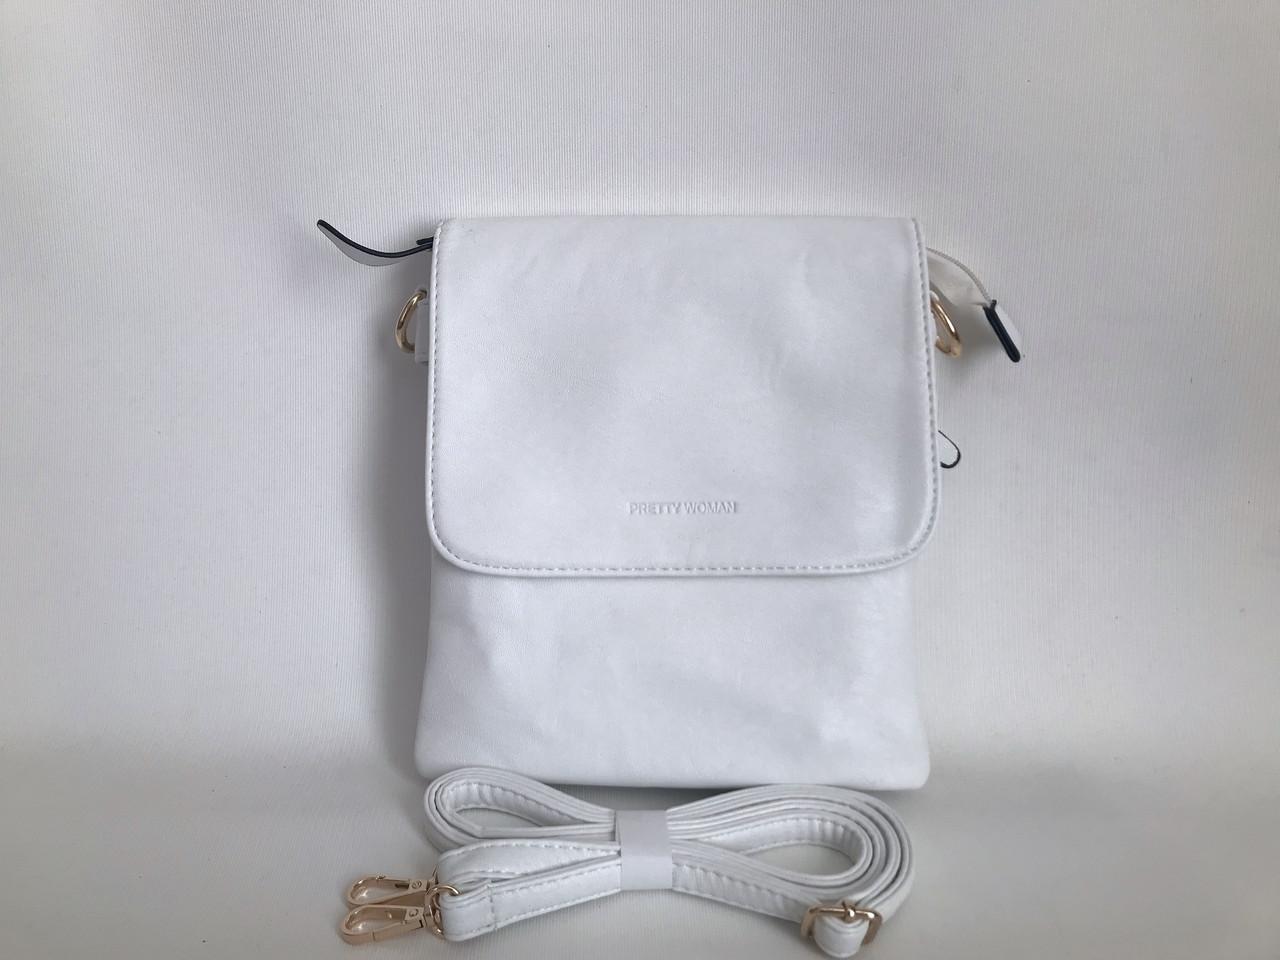 Женская стильная сумочка планшет белая через плечо Pretty woman